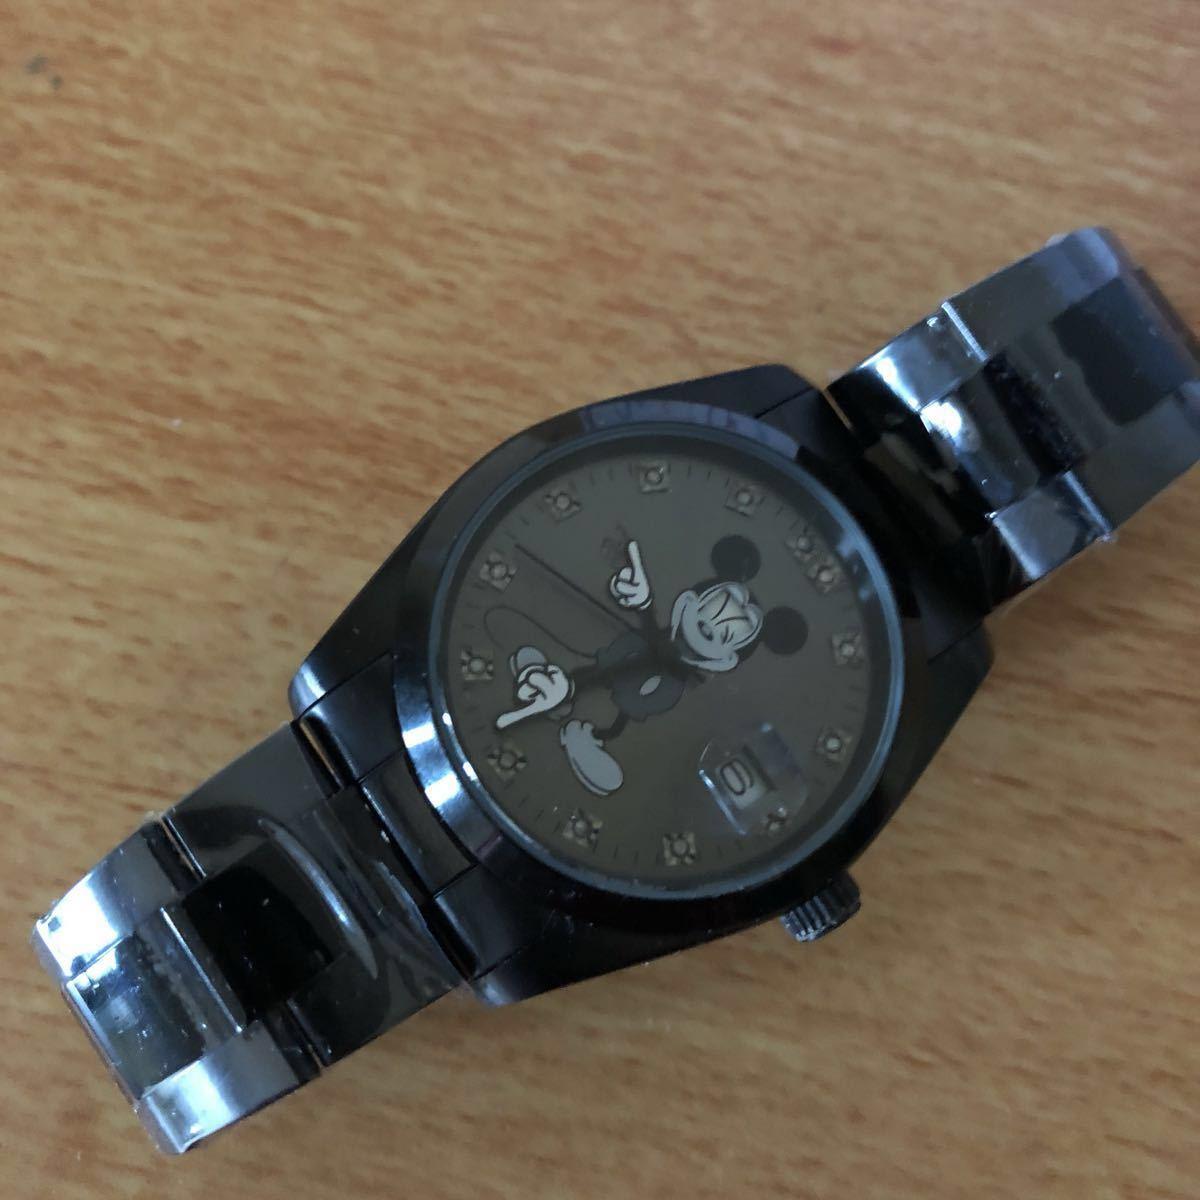 超プレミアム 世界限定モデル ミッキーマウス ダイヤモンド13石 腕時計 ロレックスタイプ ブラック未使用品 豪華オマケ付き_画像2